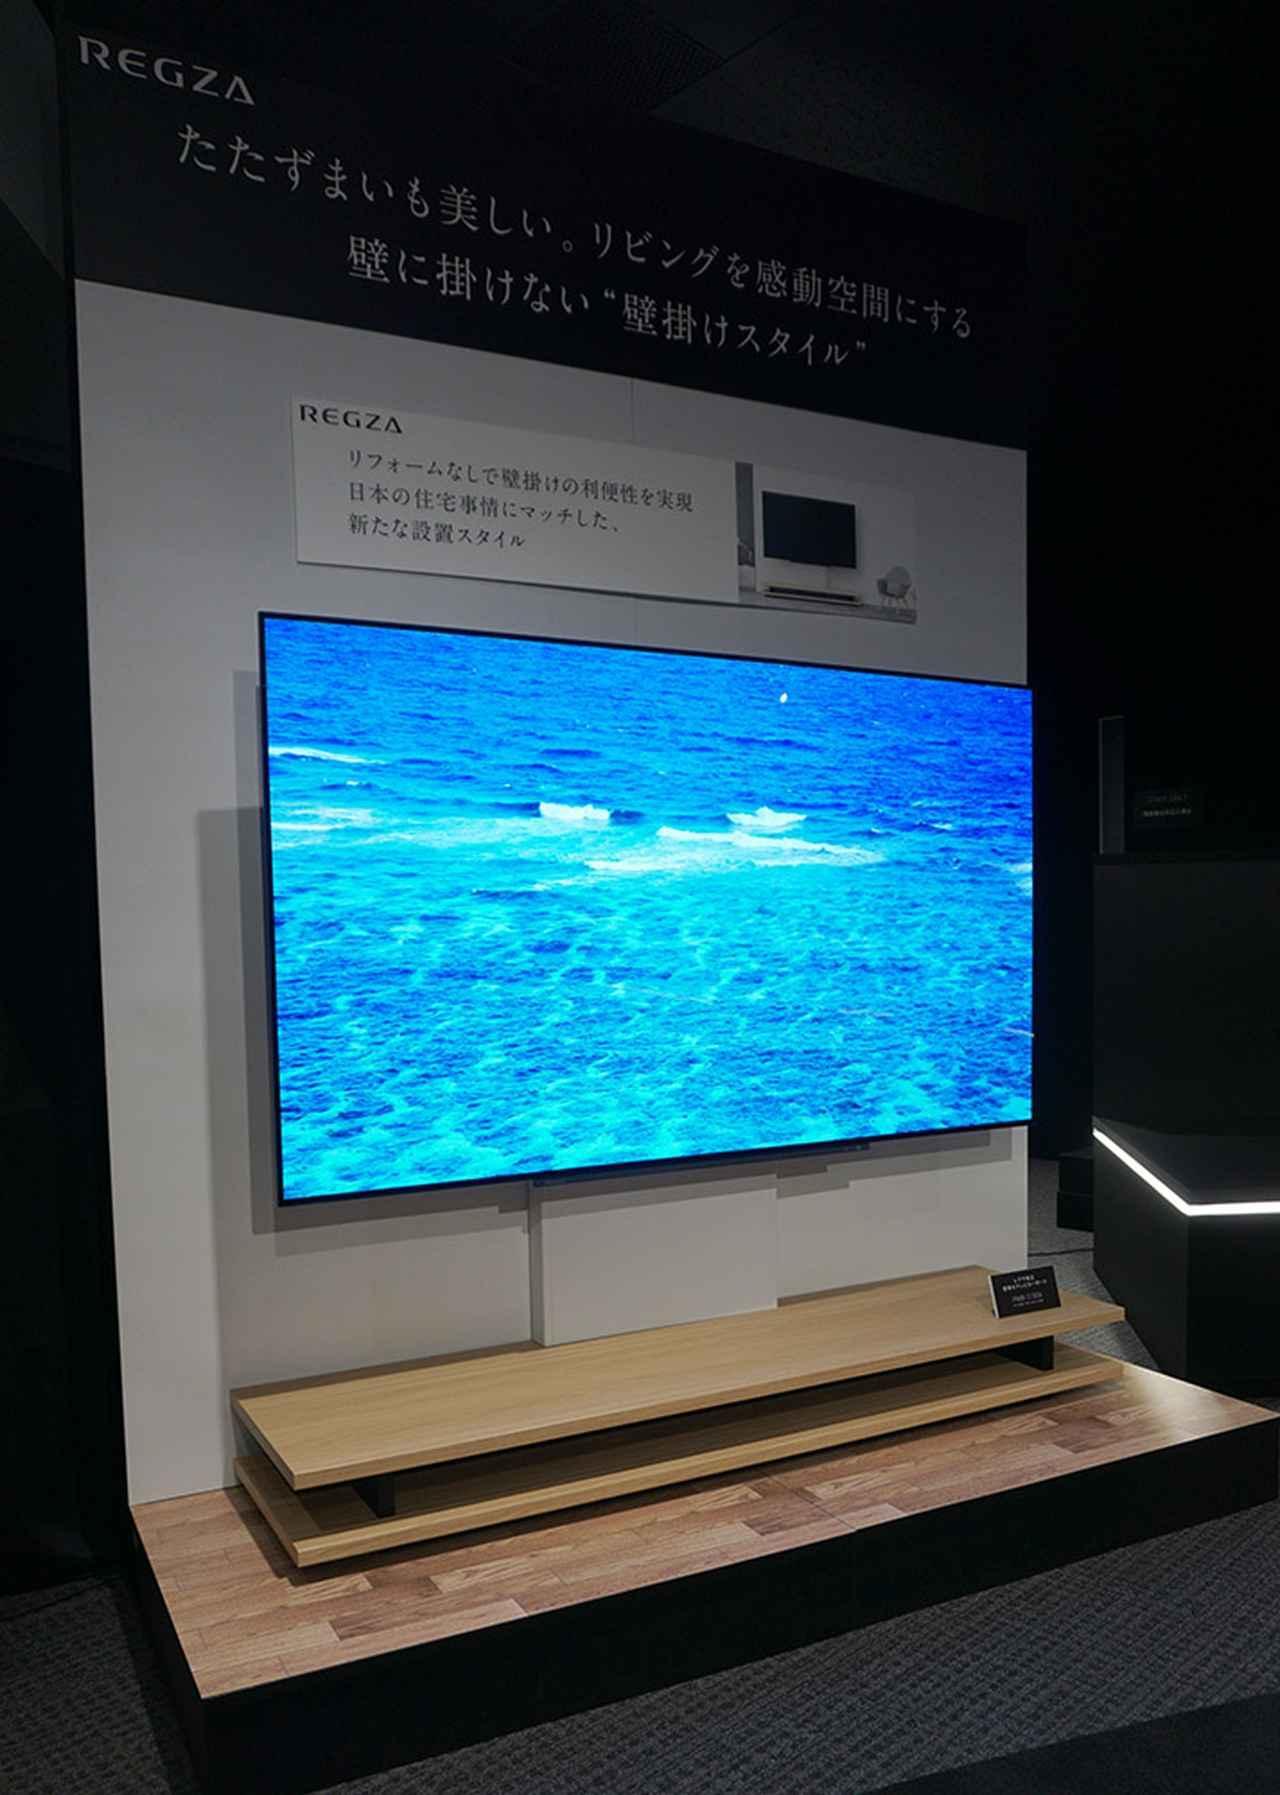 画像1: 工事なしで、レグザを壁掛け(風に)設置できる? 東芝映像ソリューションが、「レグザ純正テレビローボード」でテレビライフに変革をもたらす